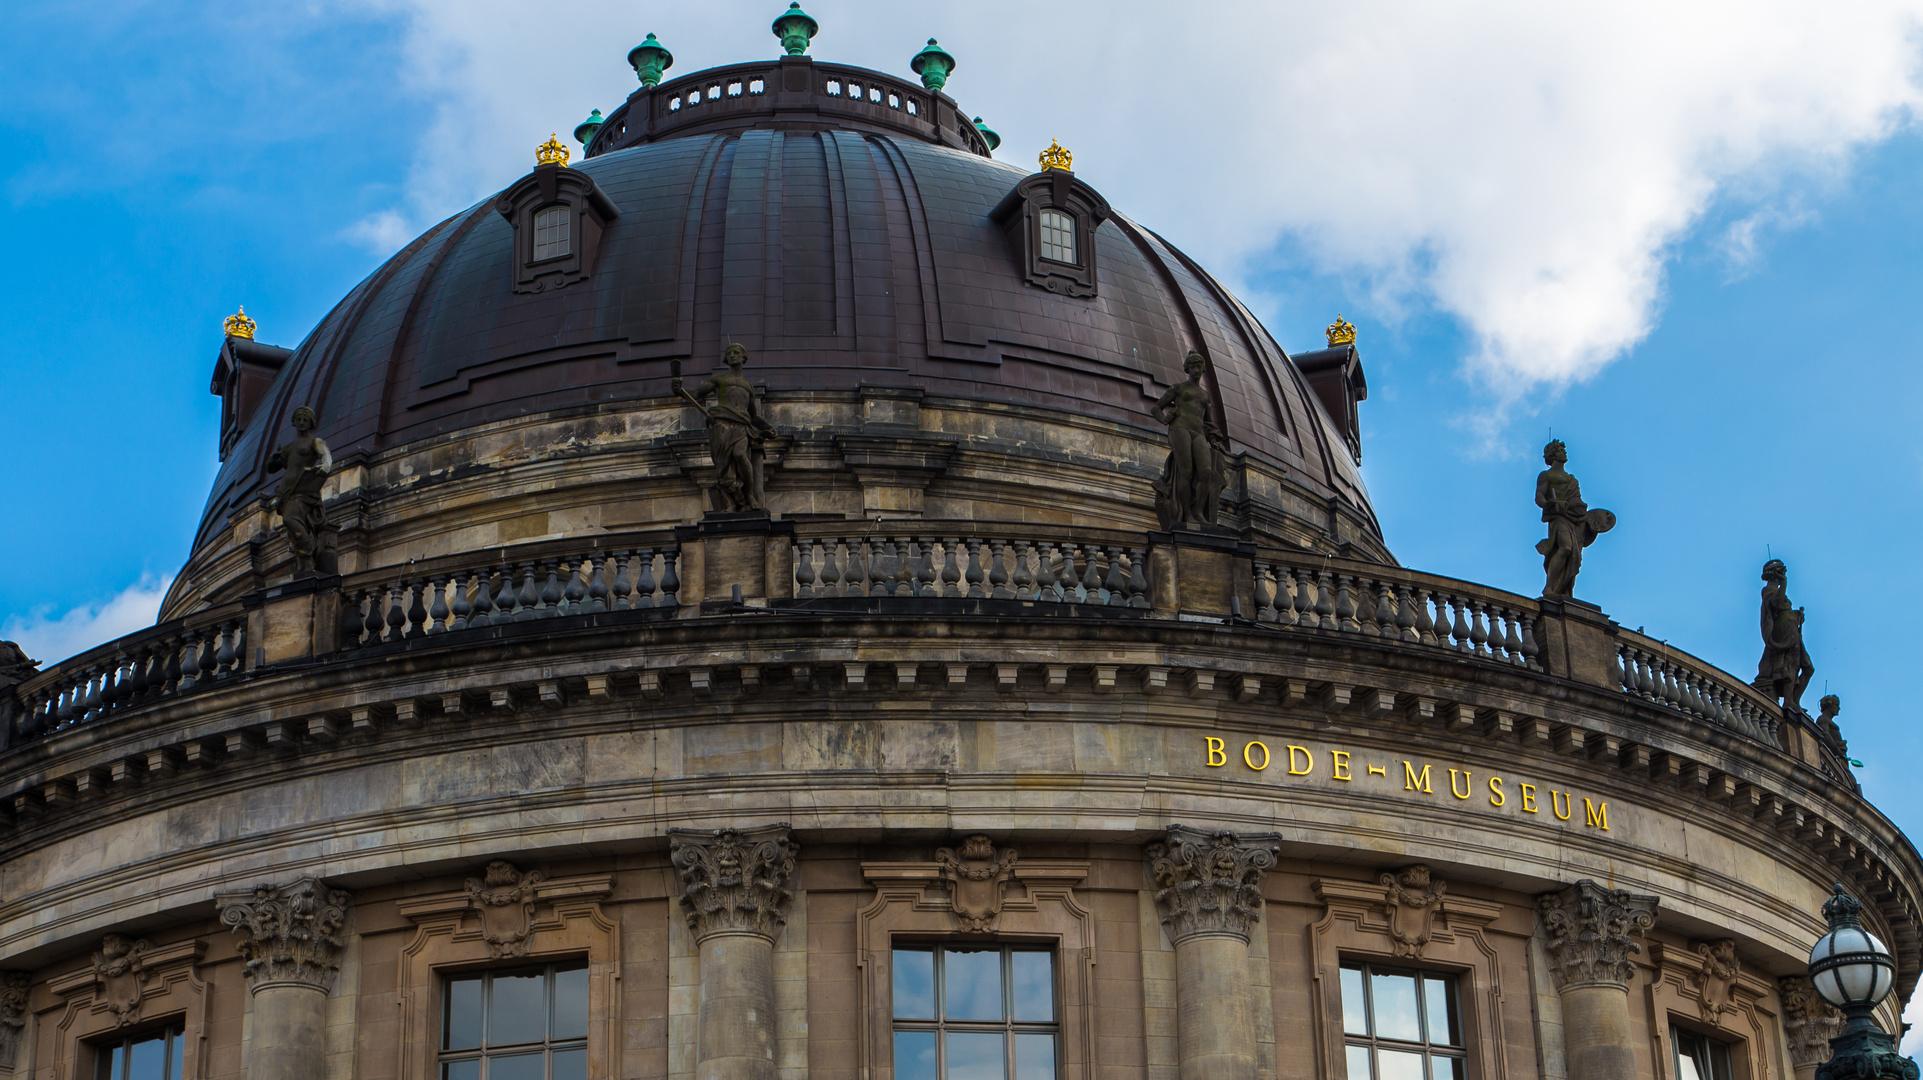 Bode-Museum in Berlin